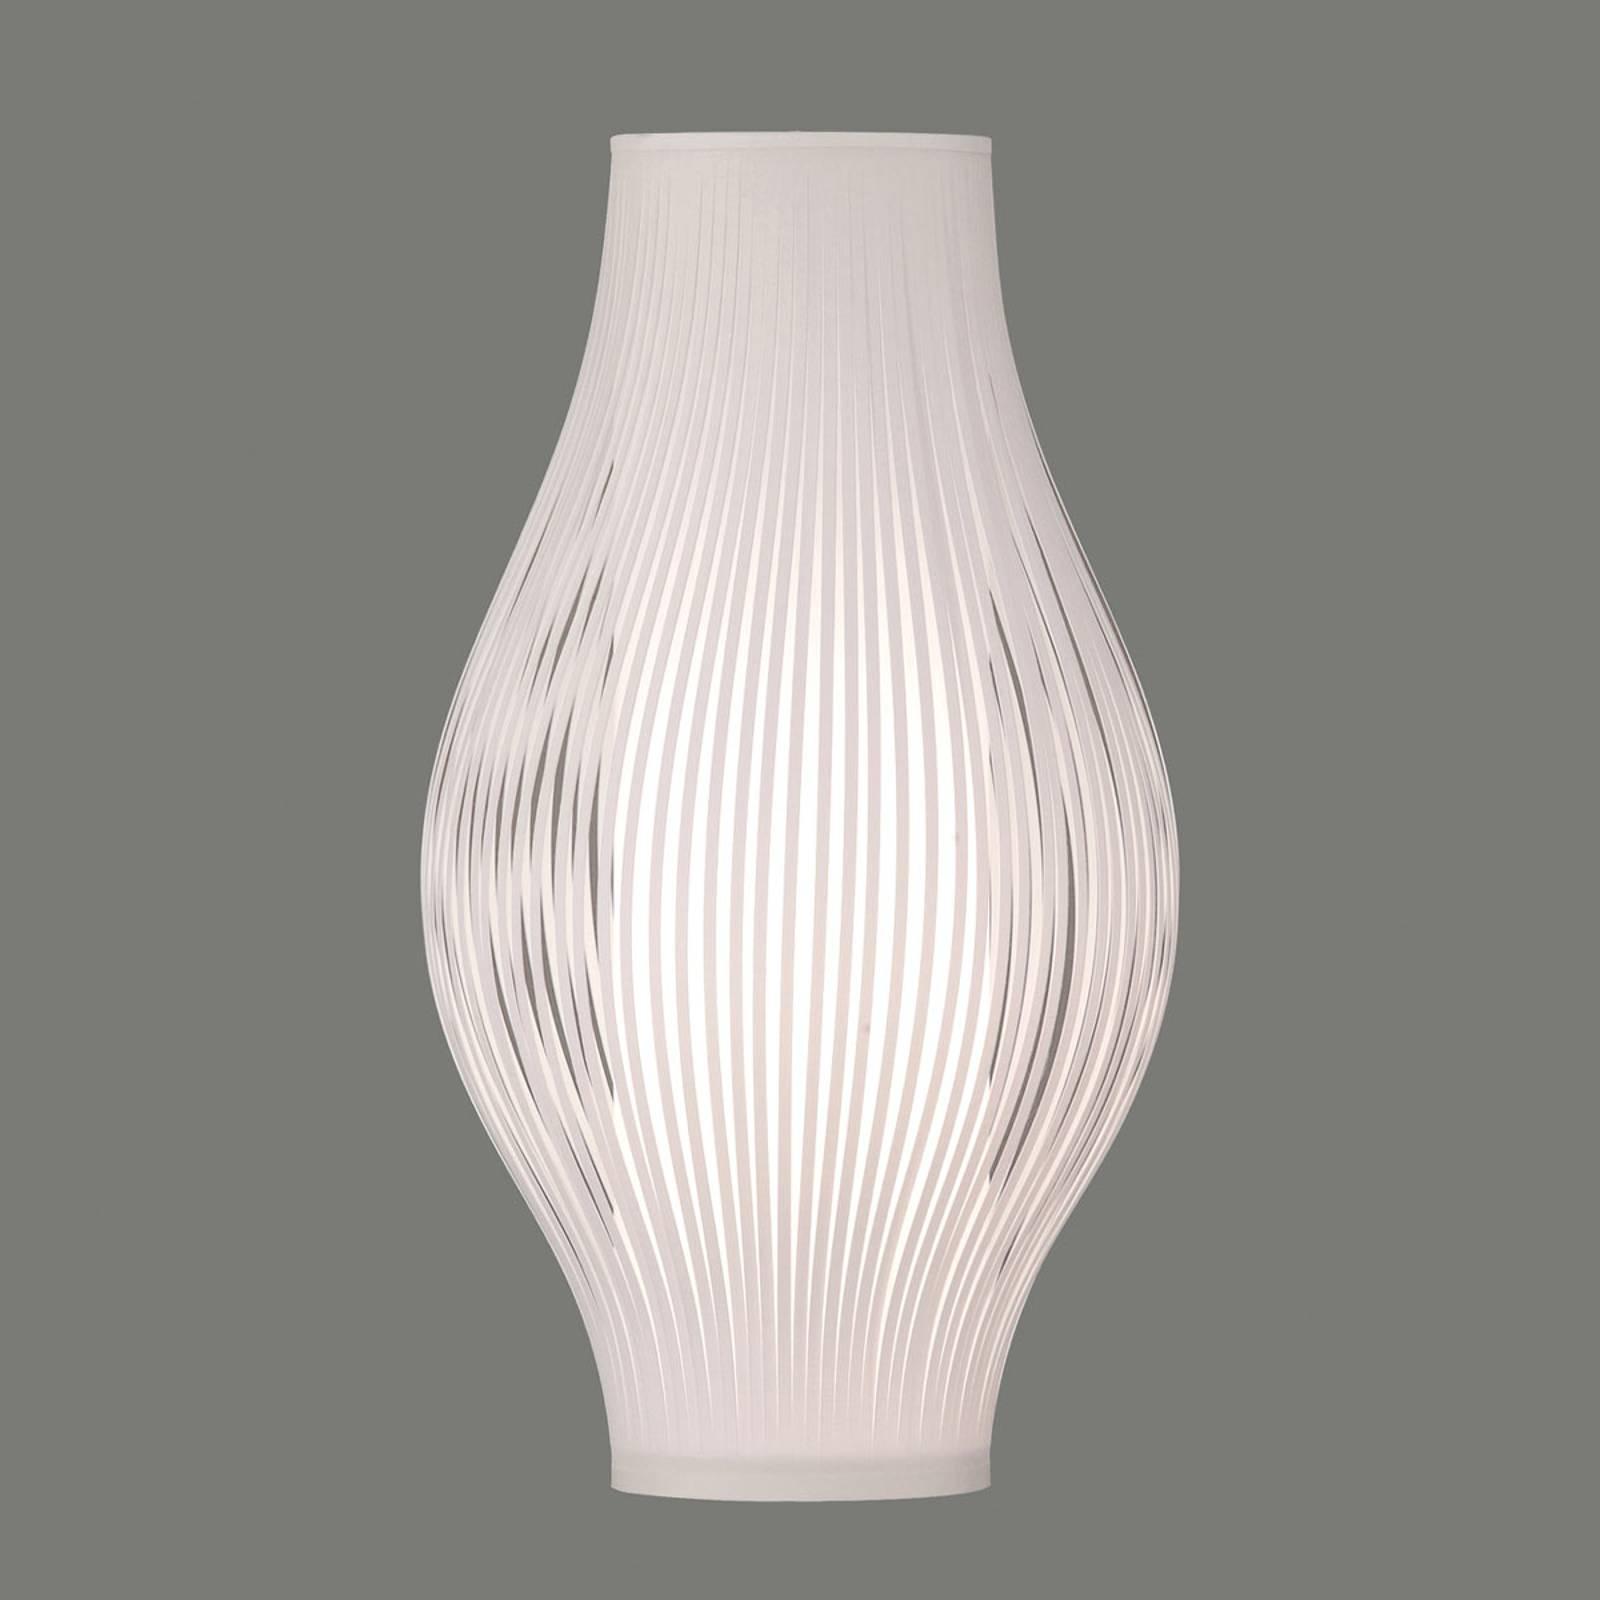 Pöytävalaisin Murta, 51 cm, valkoinen